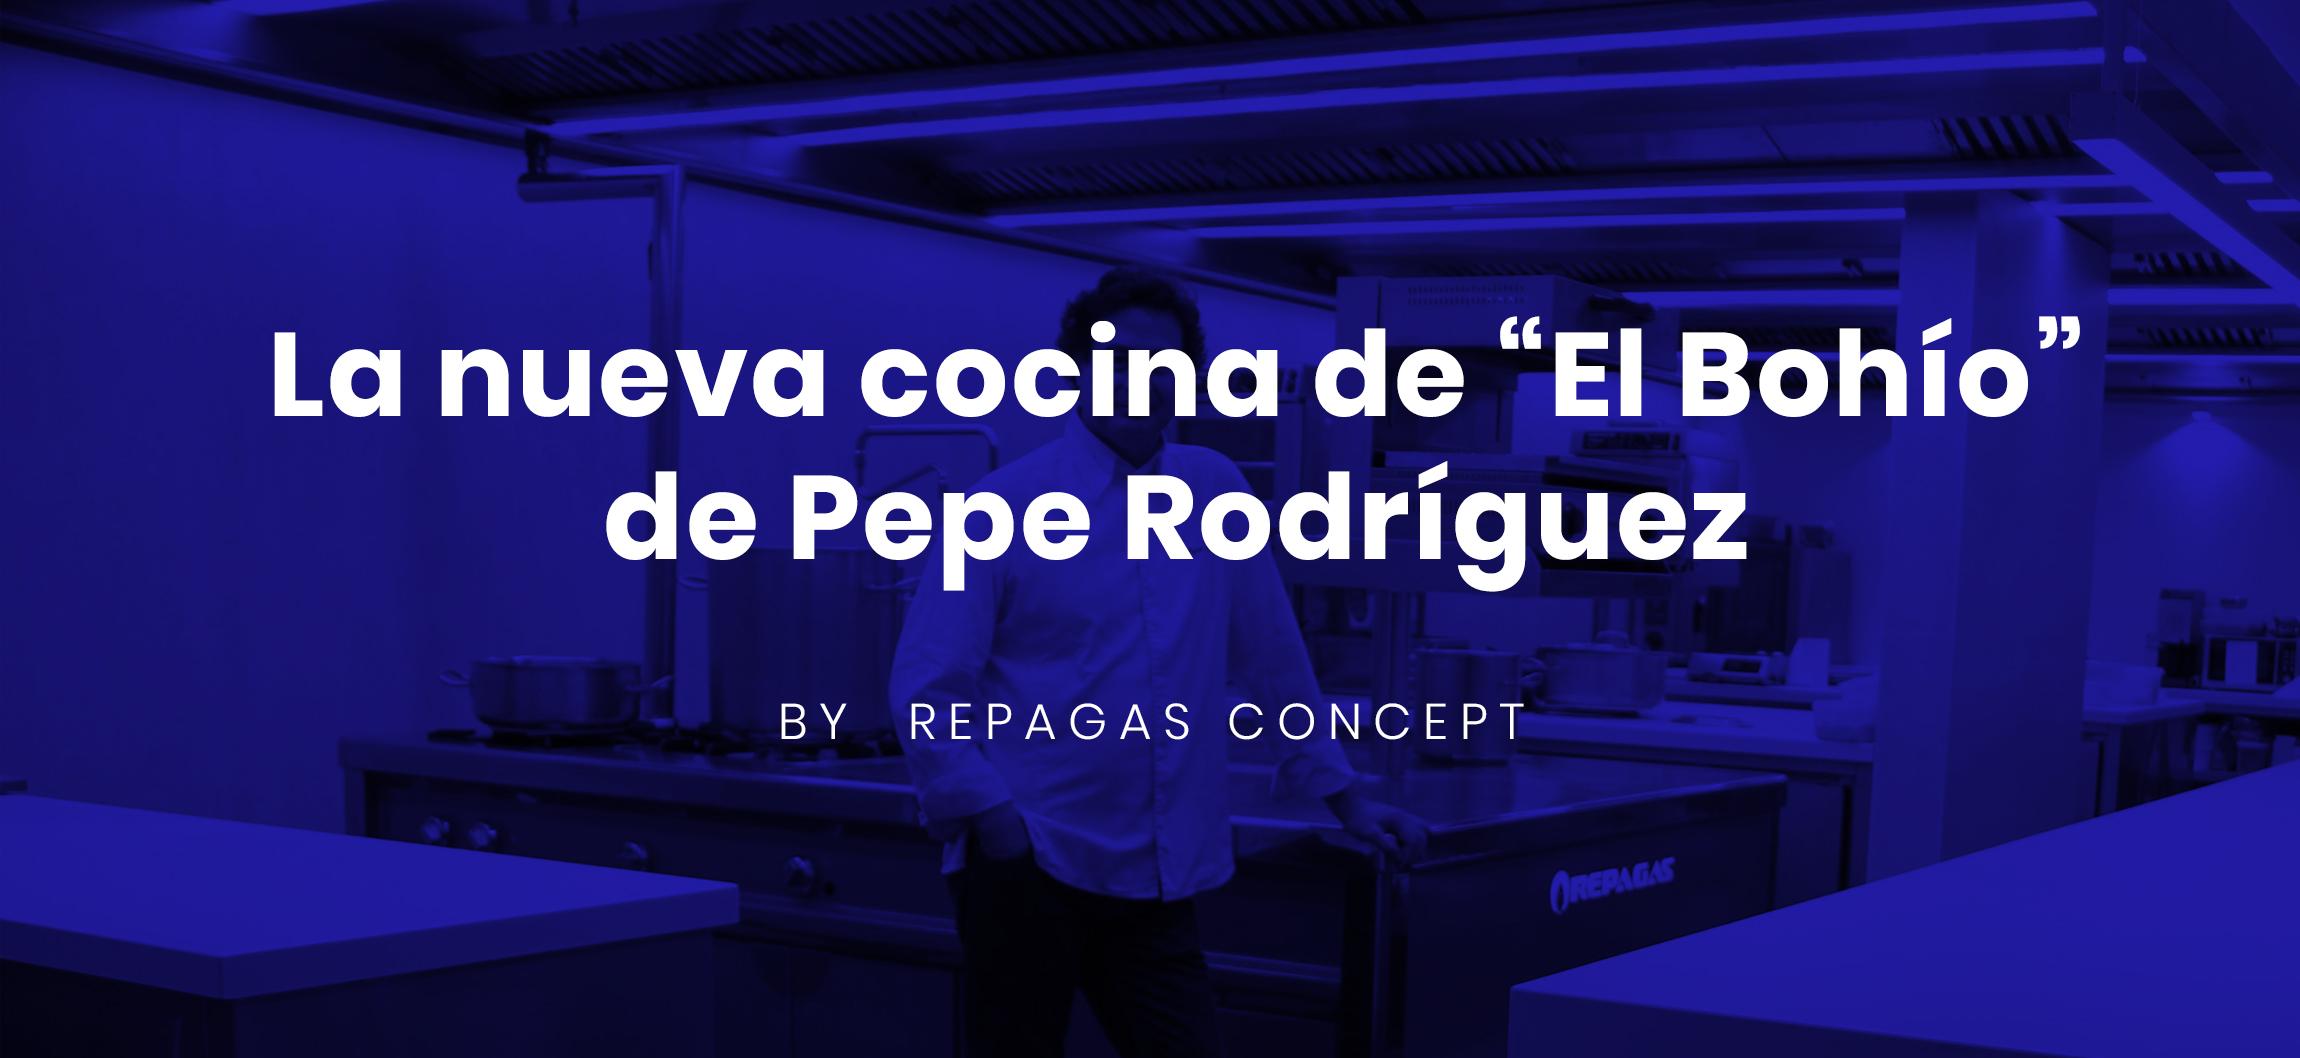 Cocina El Bohio by Repagas Concept